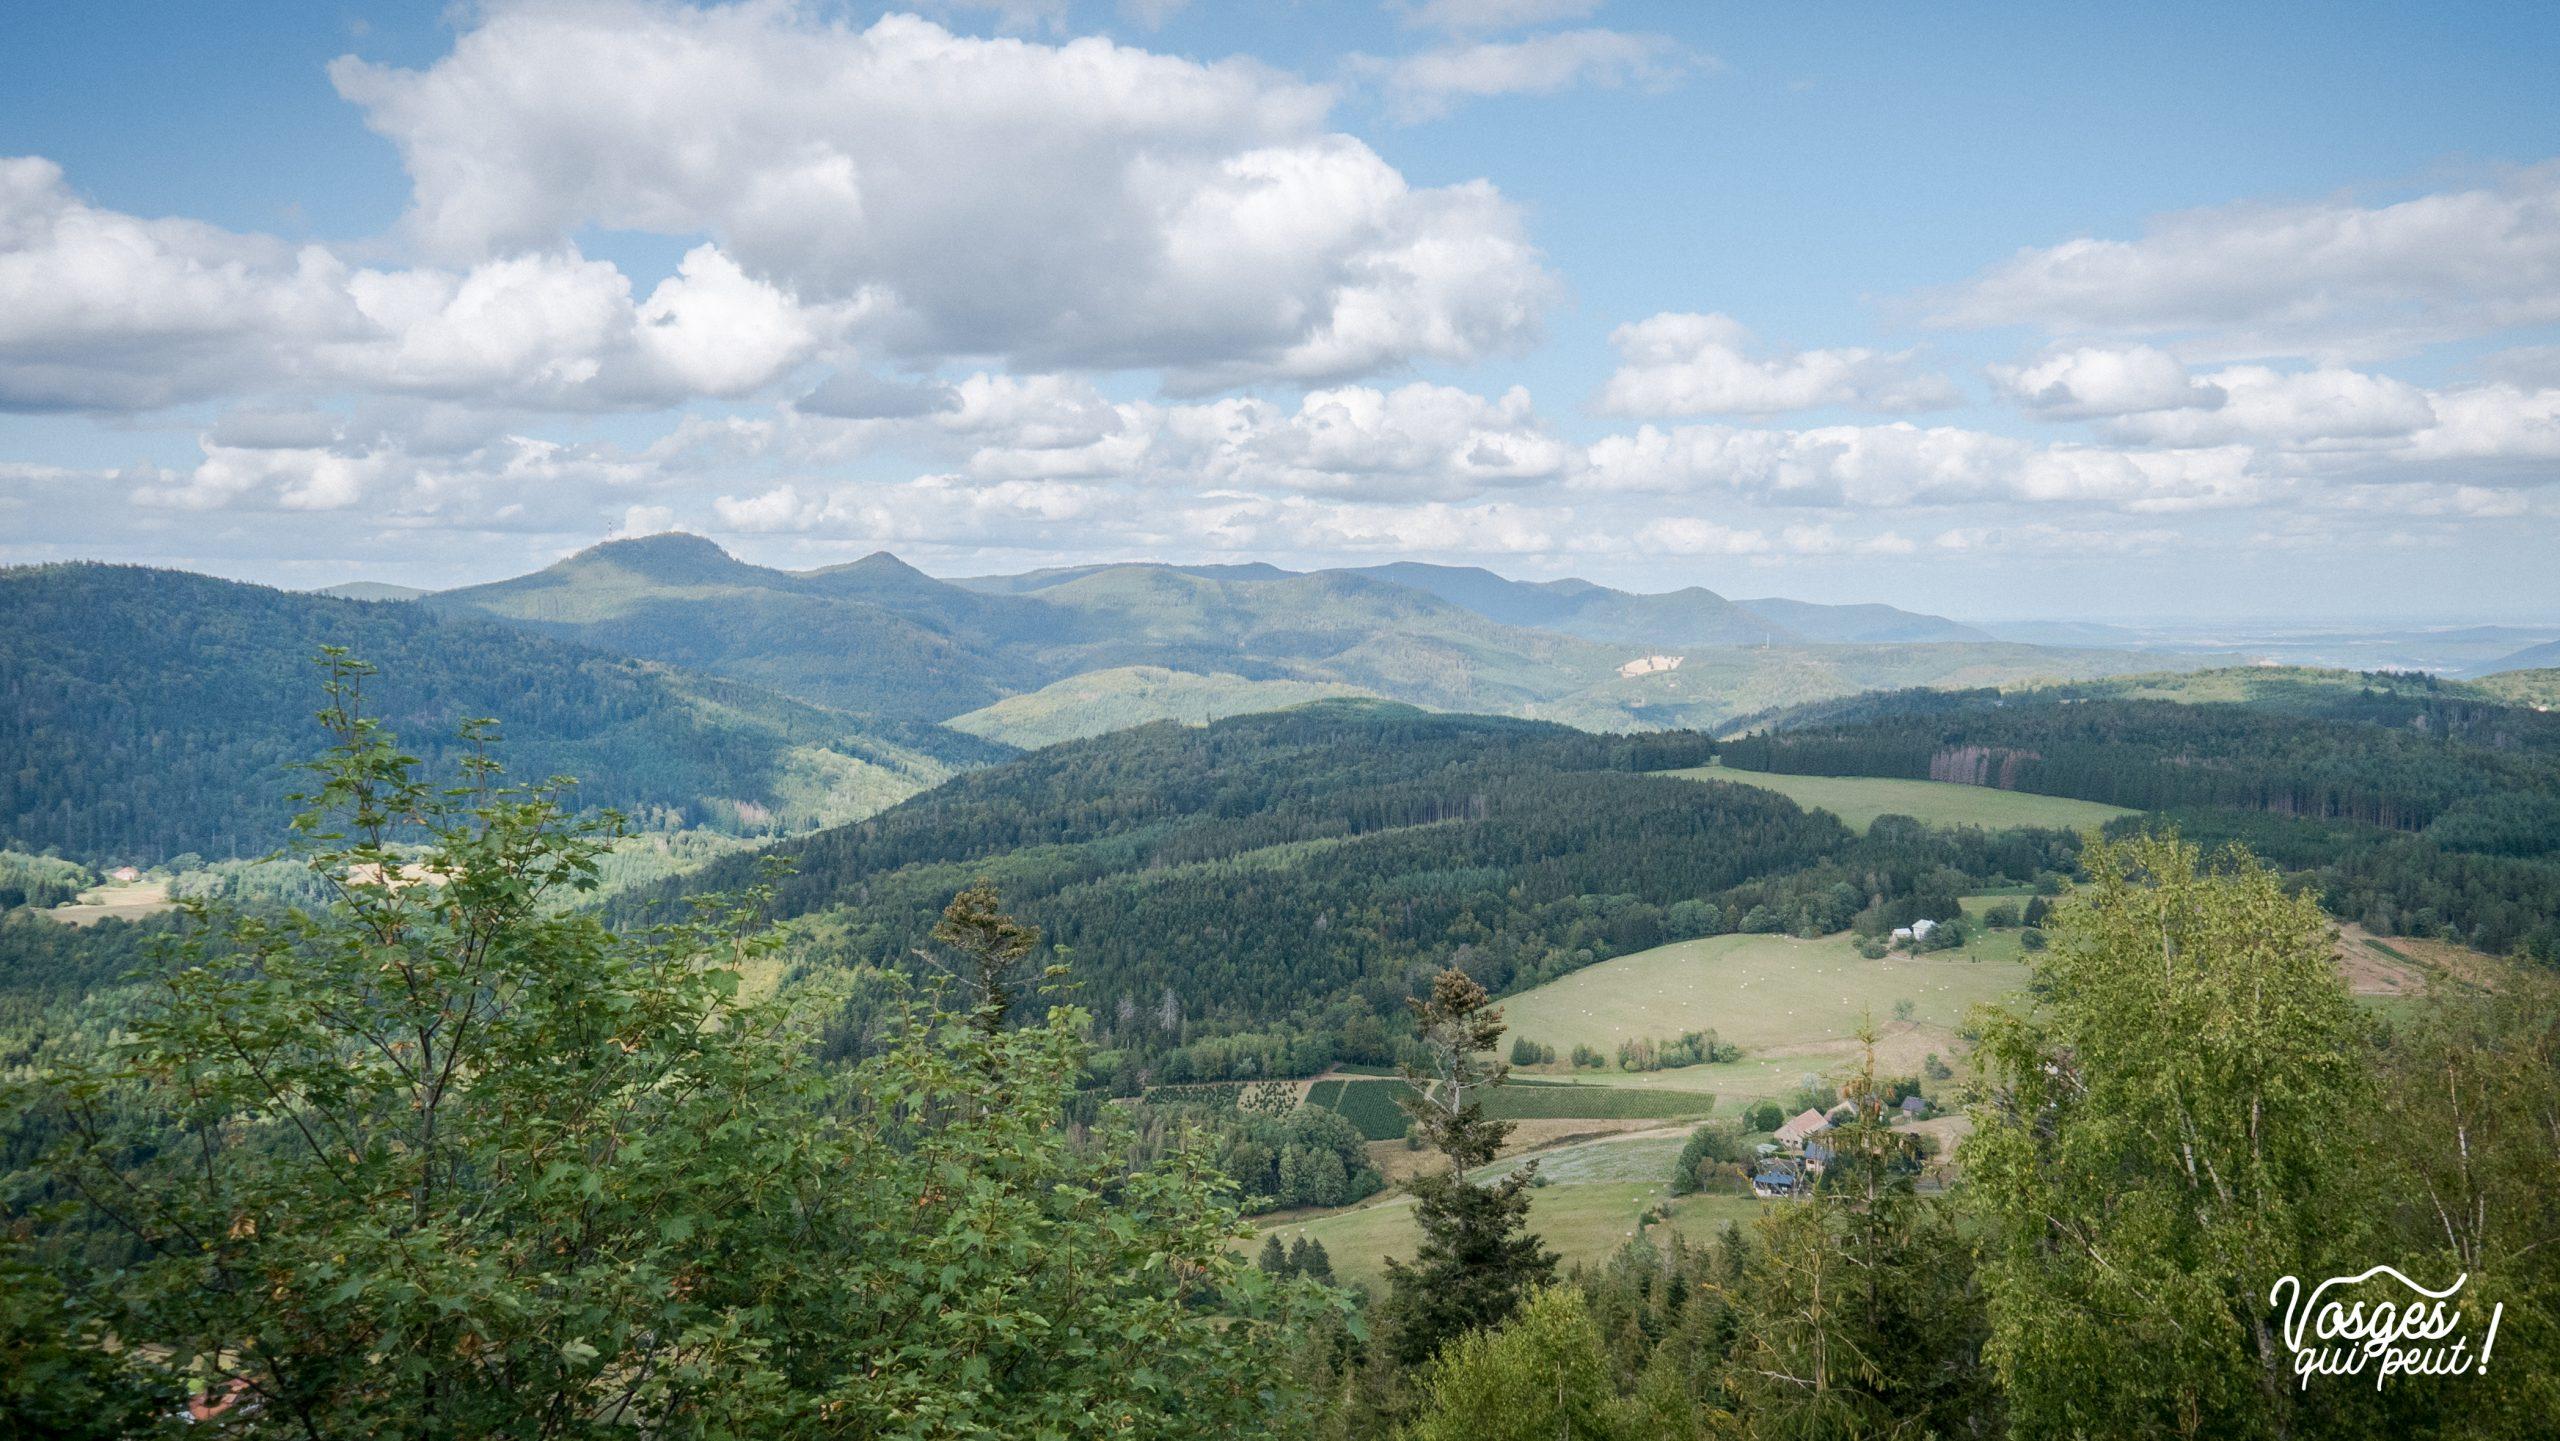 Vue sur la vallée de la Bruche depuis le château de Salm